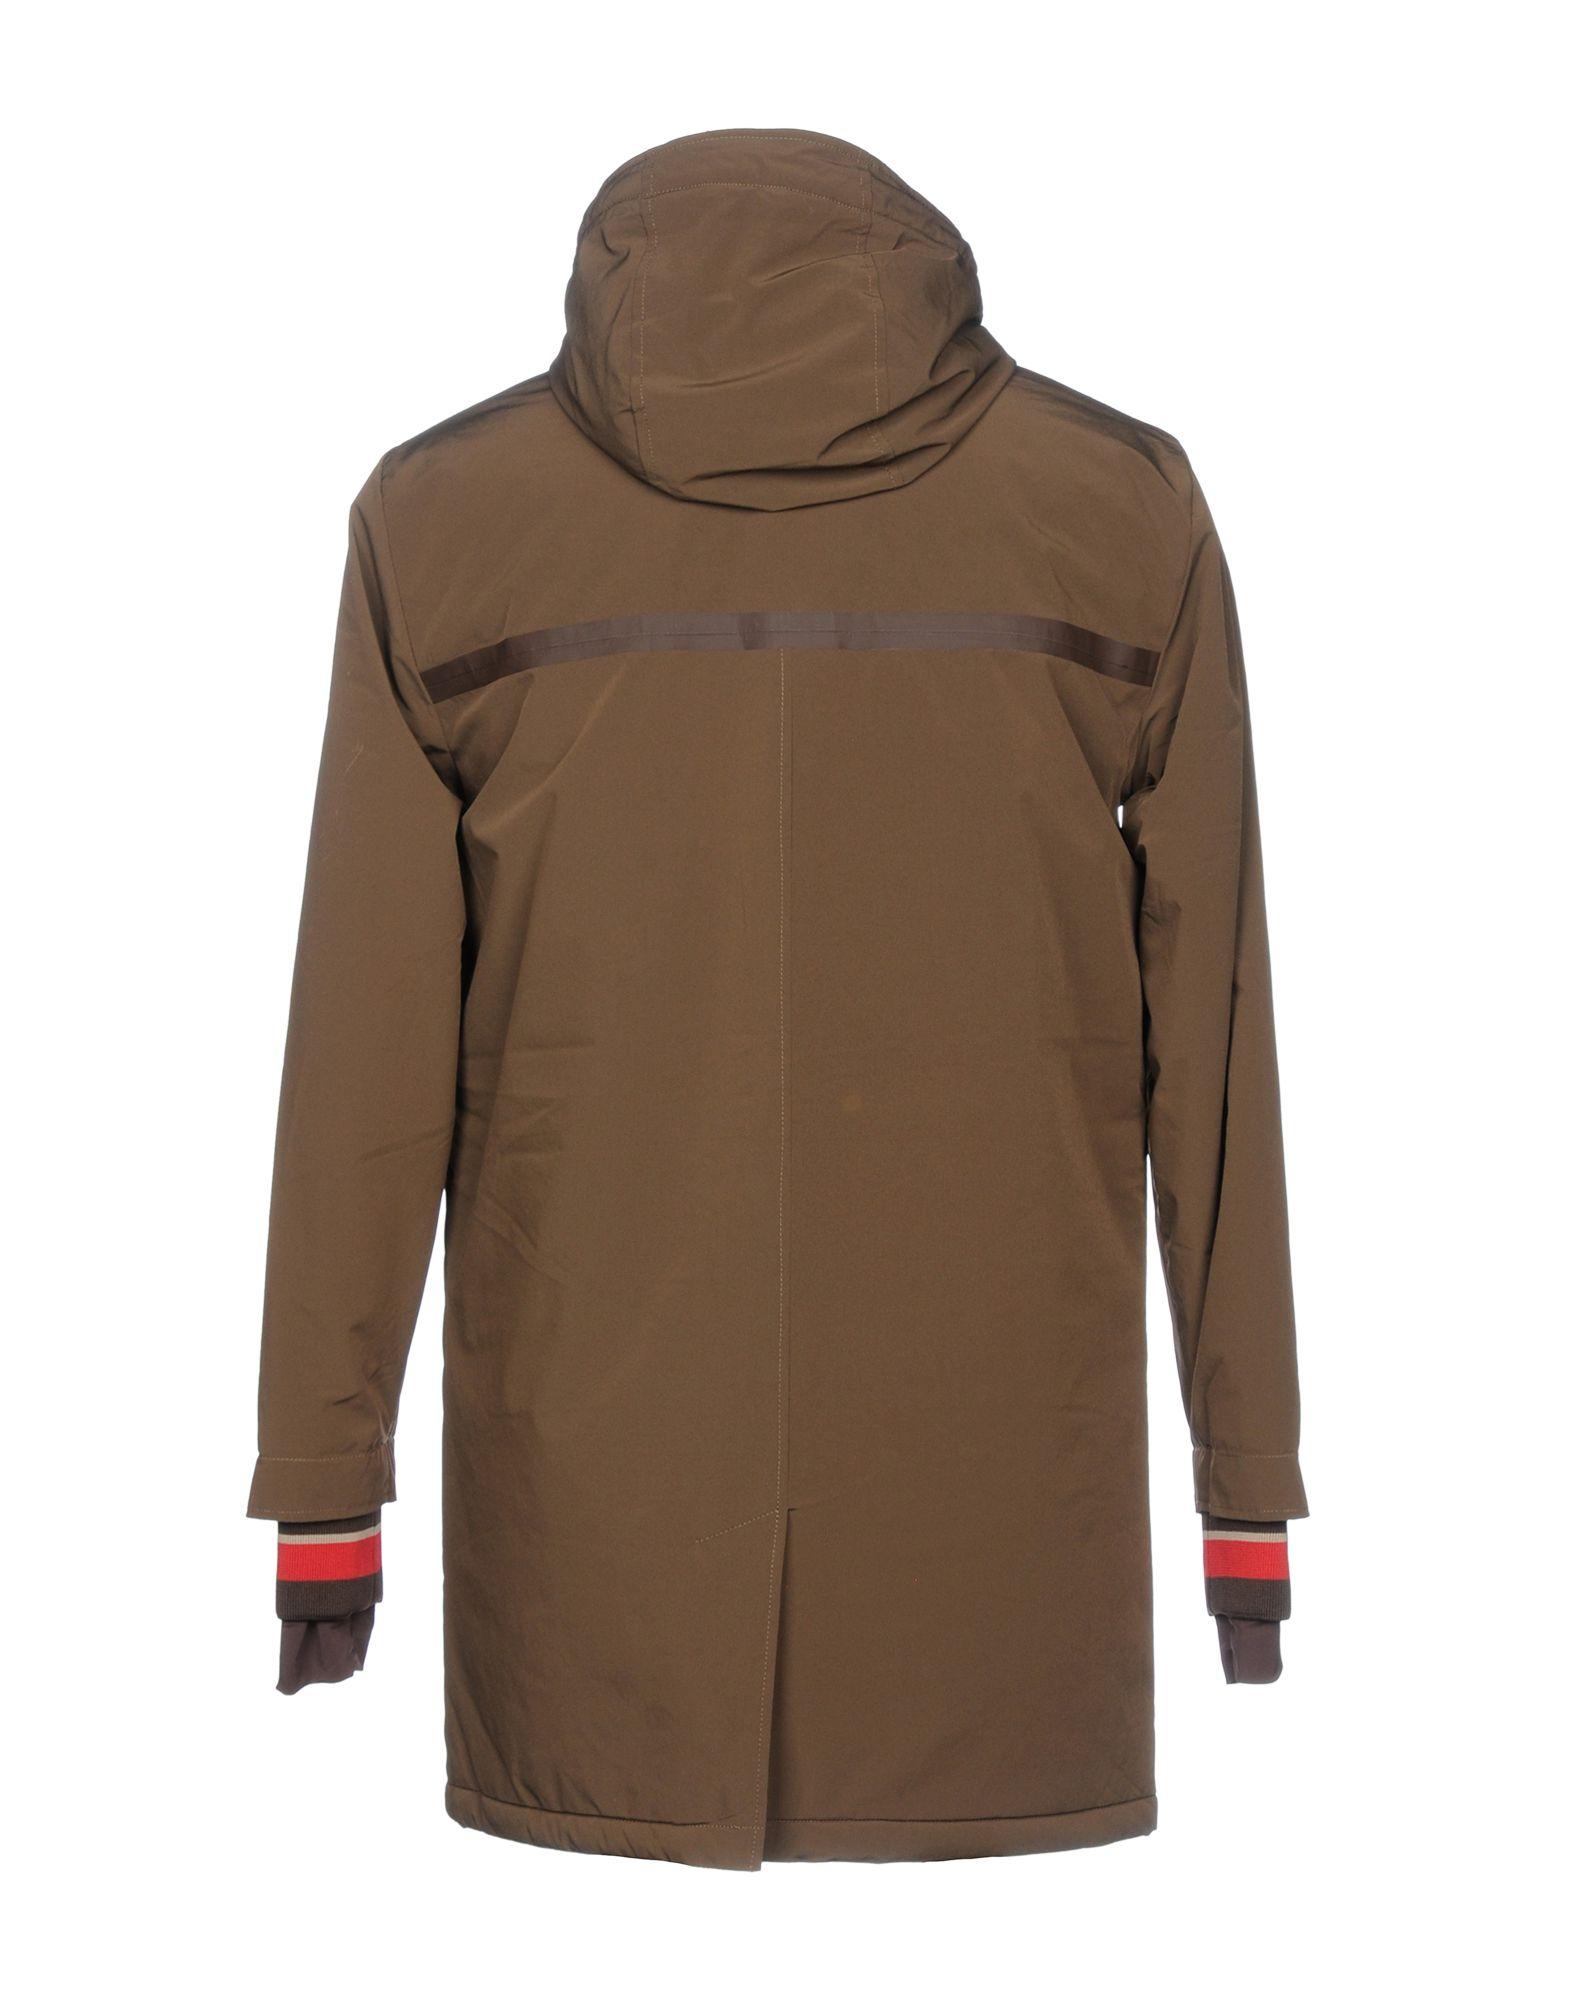 A 41795150BO buon mercato Giubbotto 2Shirts.Ago Uomo - 41795150BO A c68589